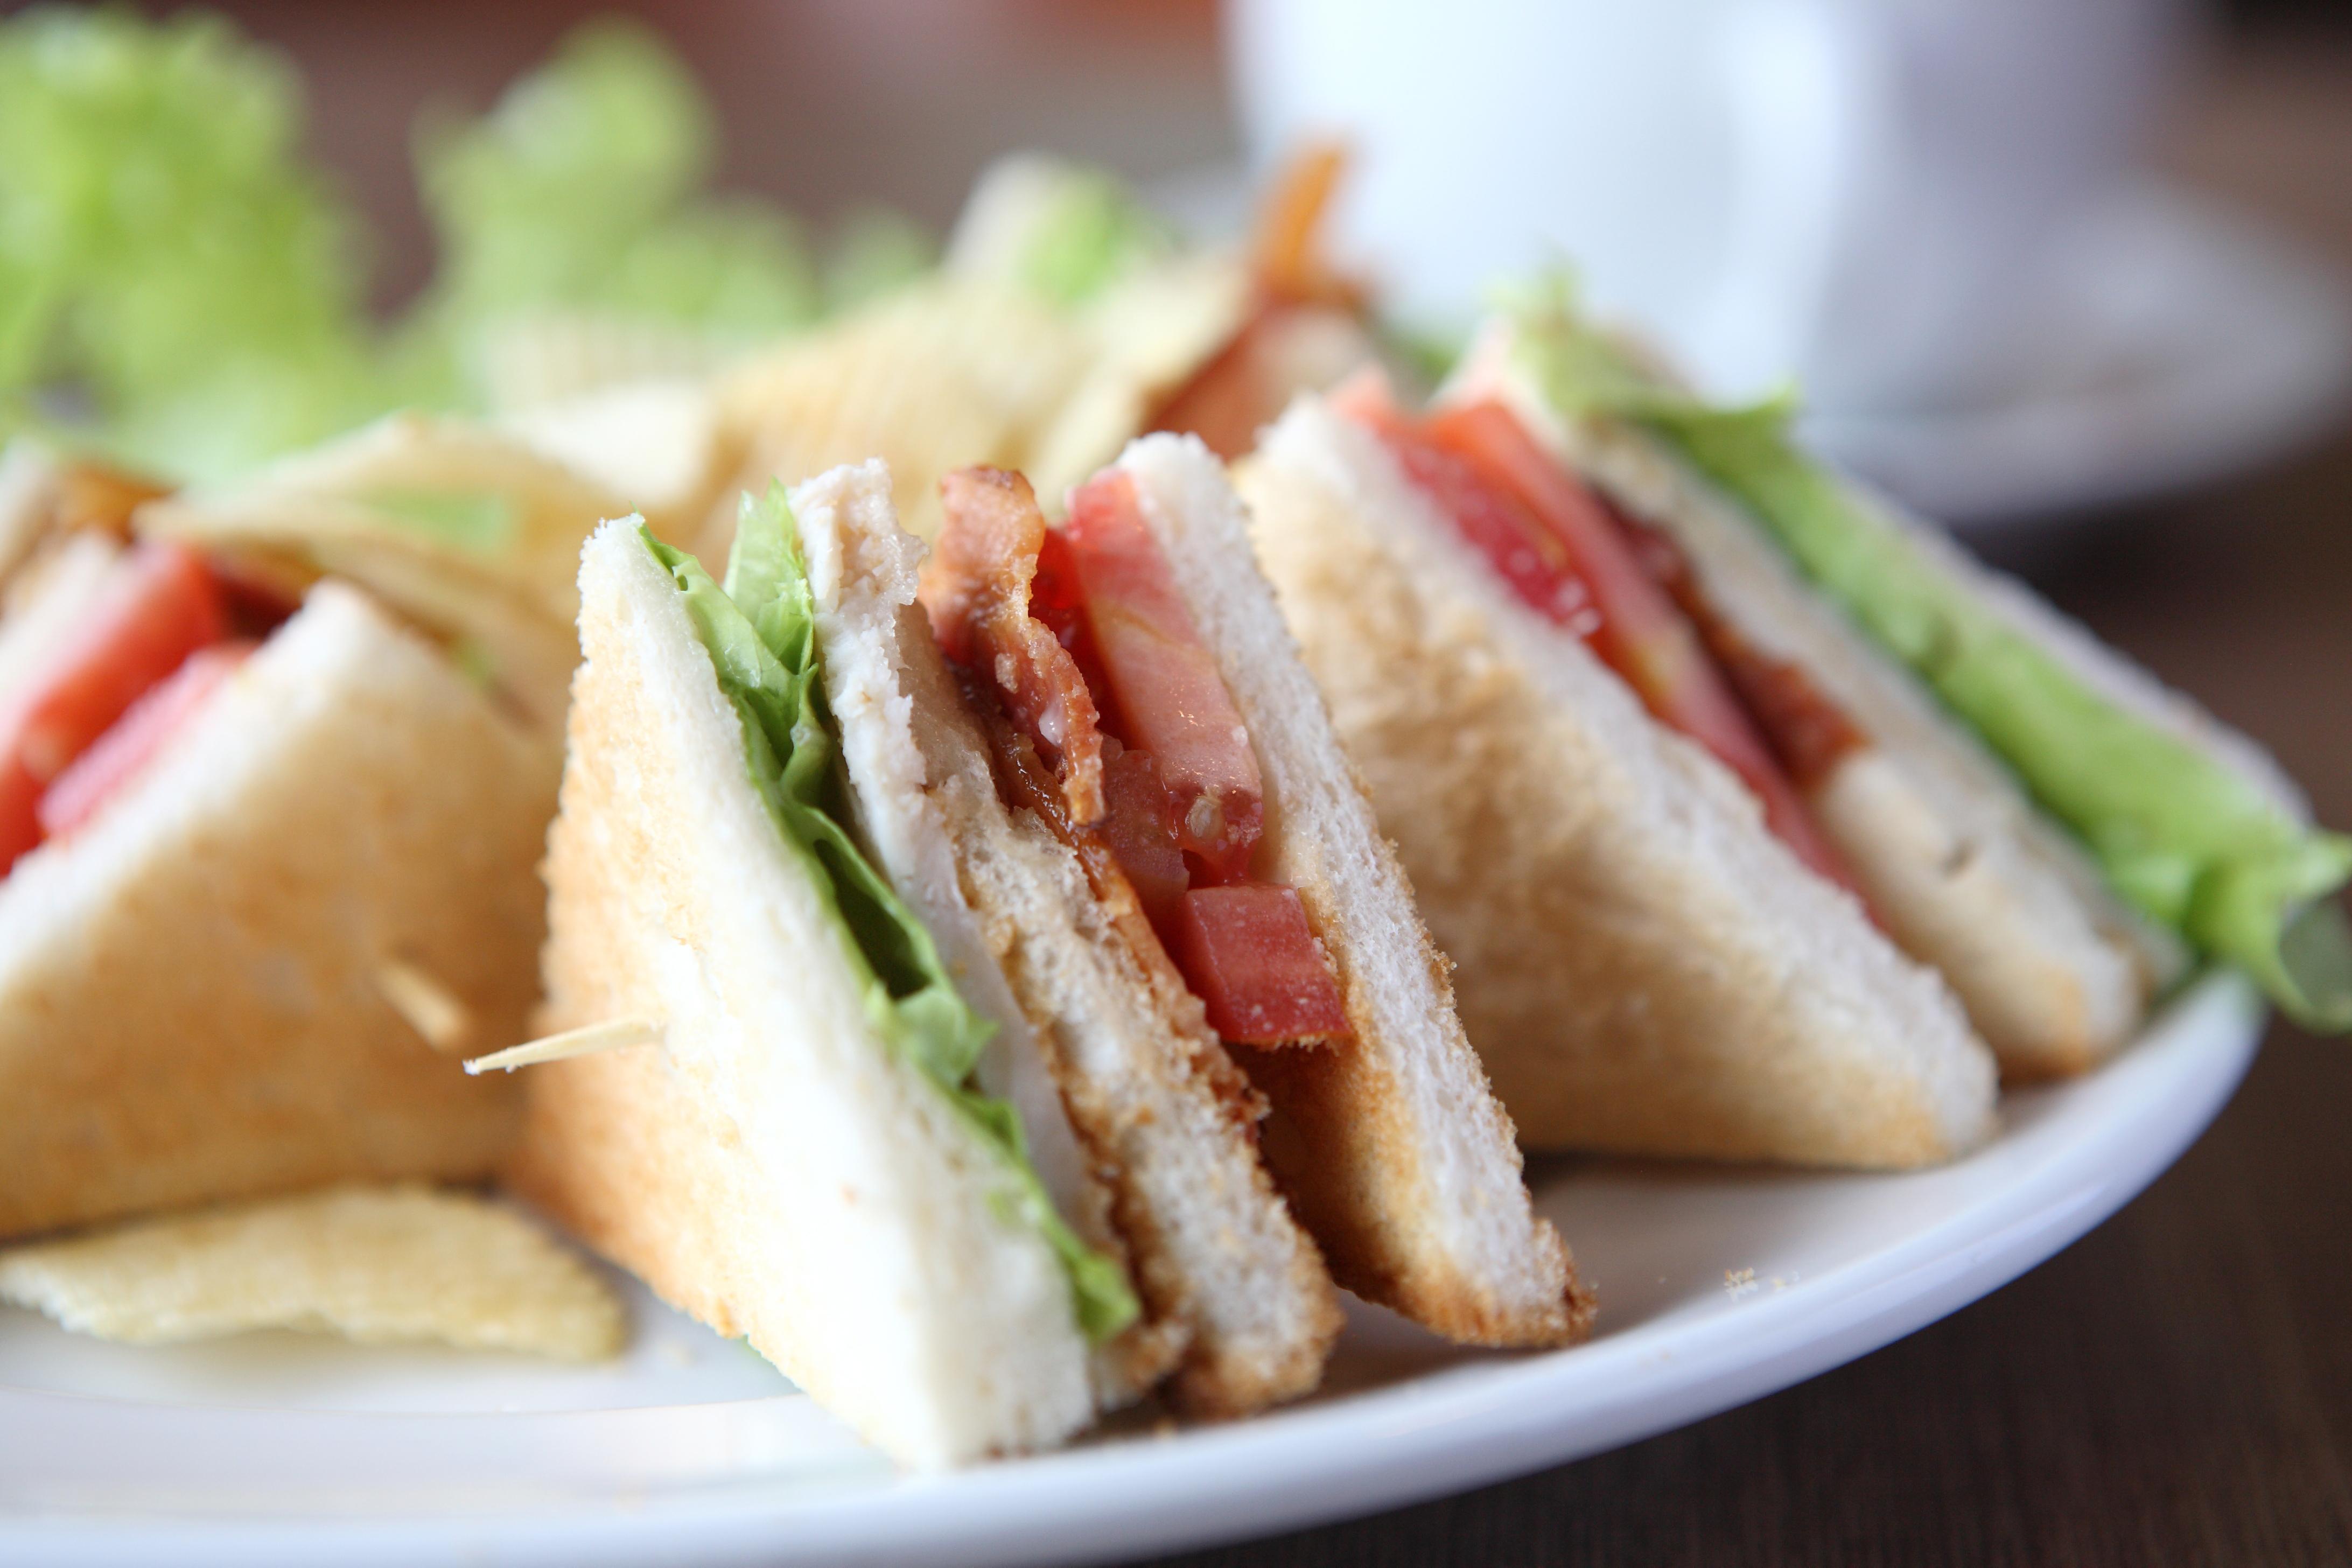 hotel club sandwich